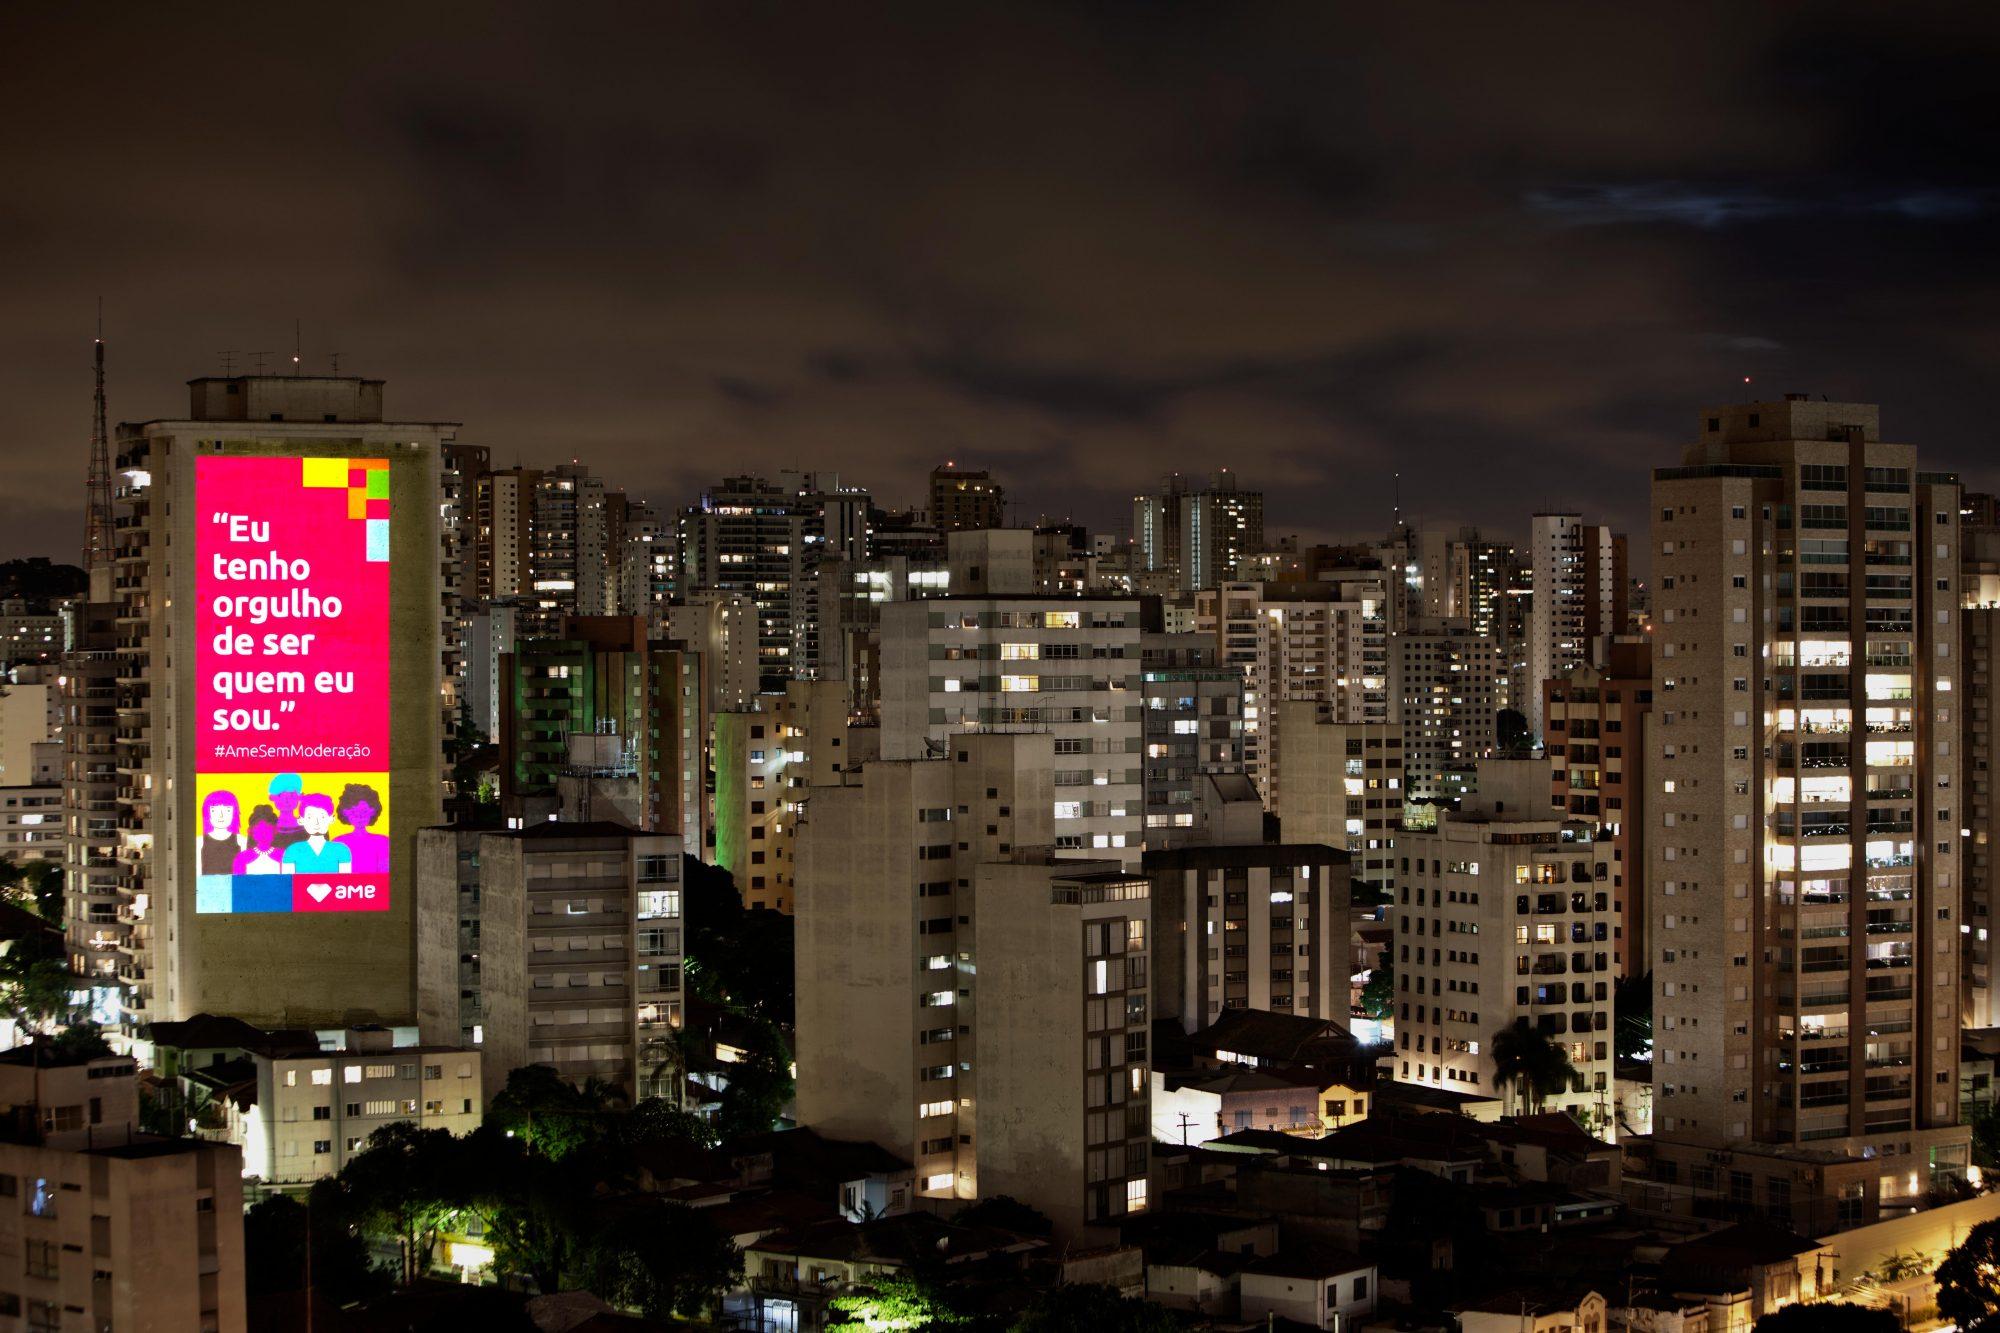 Imagens projetadas em cinco capitais incentivam o amor sem moderação na véspera do Dia do Orgulho LGBTQIAP+